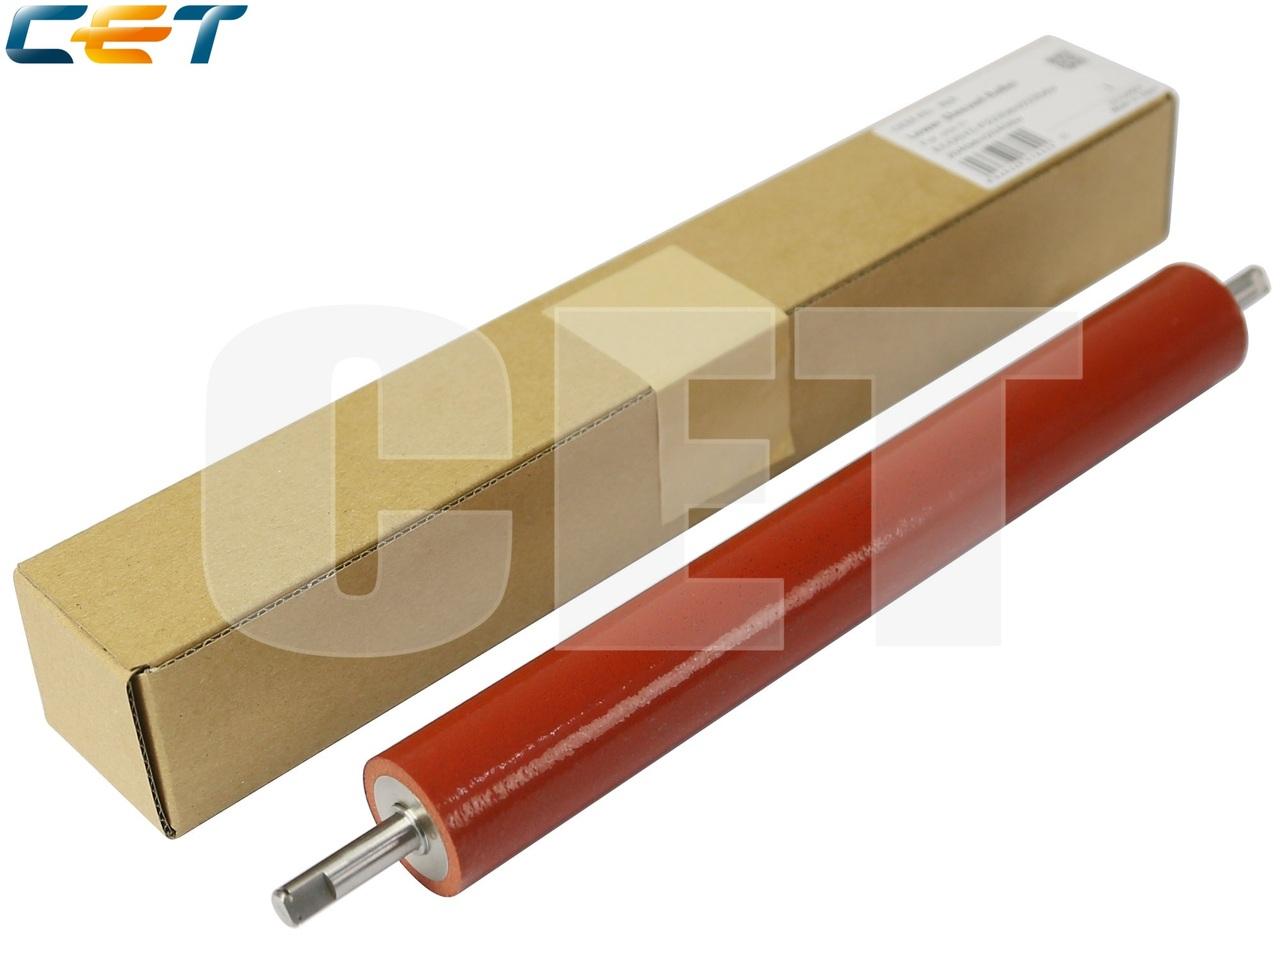 Резиновый вал для KYOCERA ECOSYSP2235dn/P2040dn/M2135dn/2735dw/M2040dn (CET), CET7842